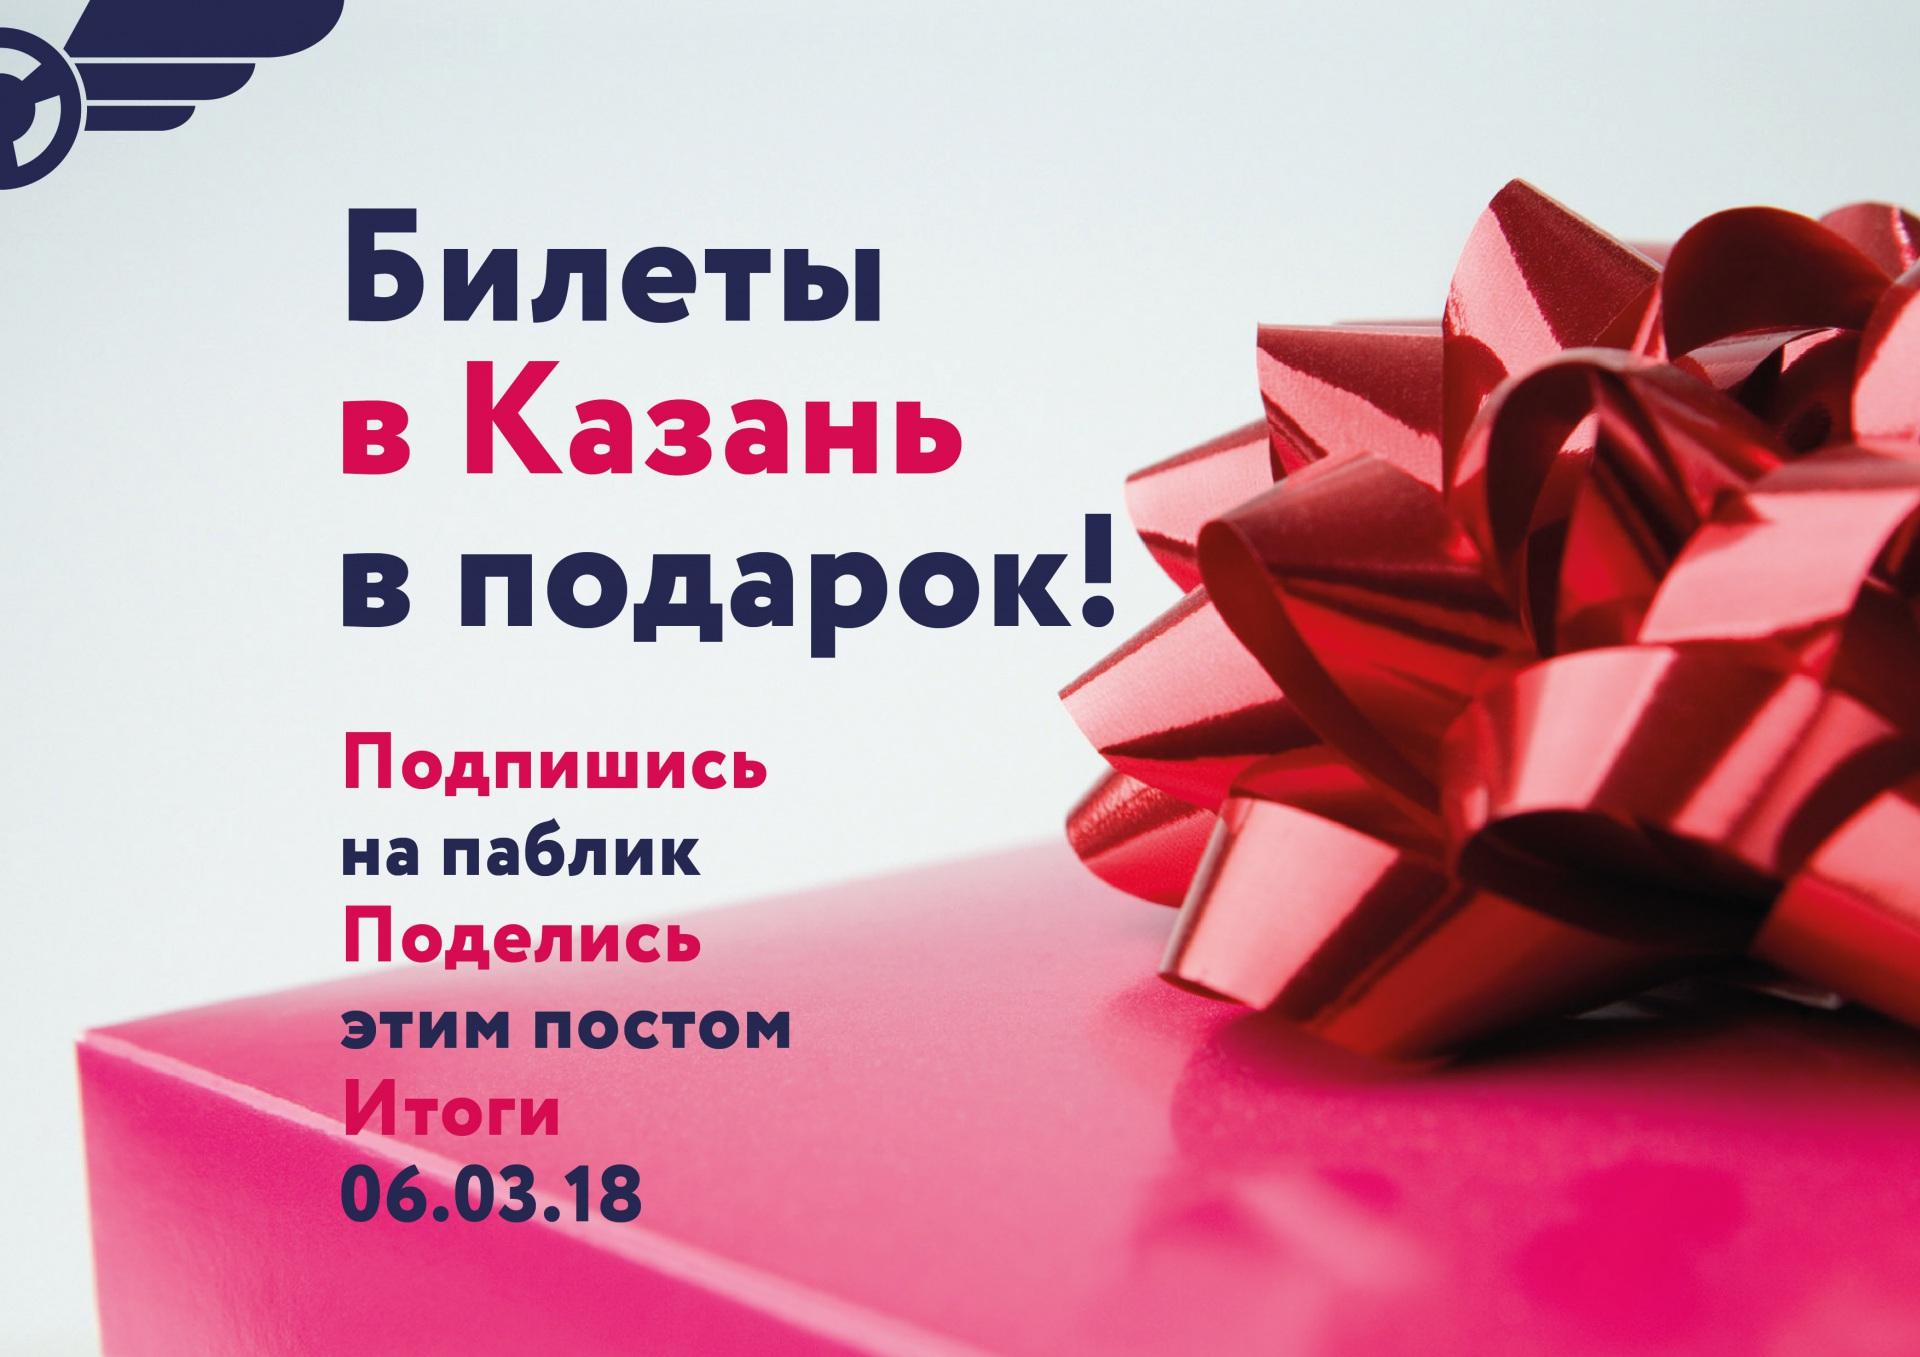 Post_Rozygrysch-biletov-v-Kazan-k-8-Marta-01.jpg